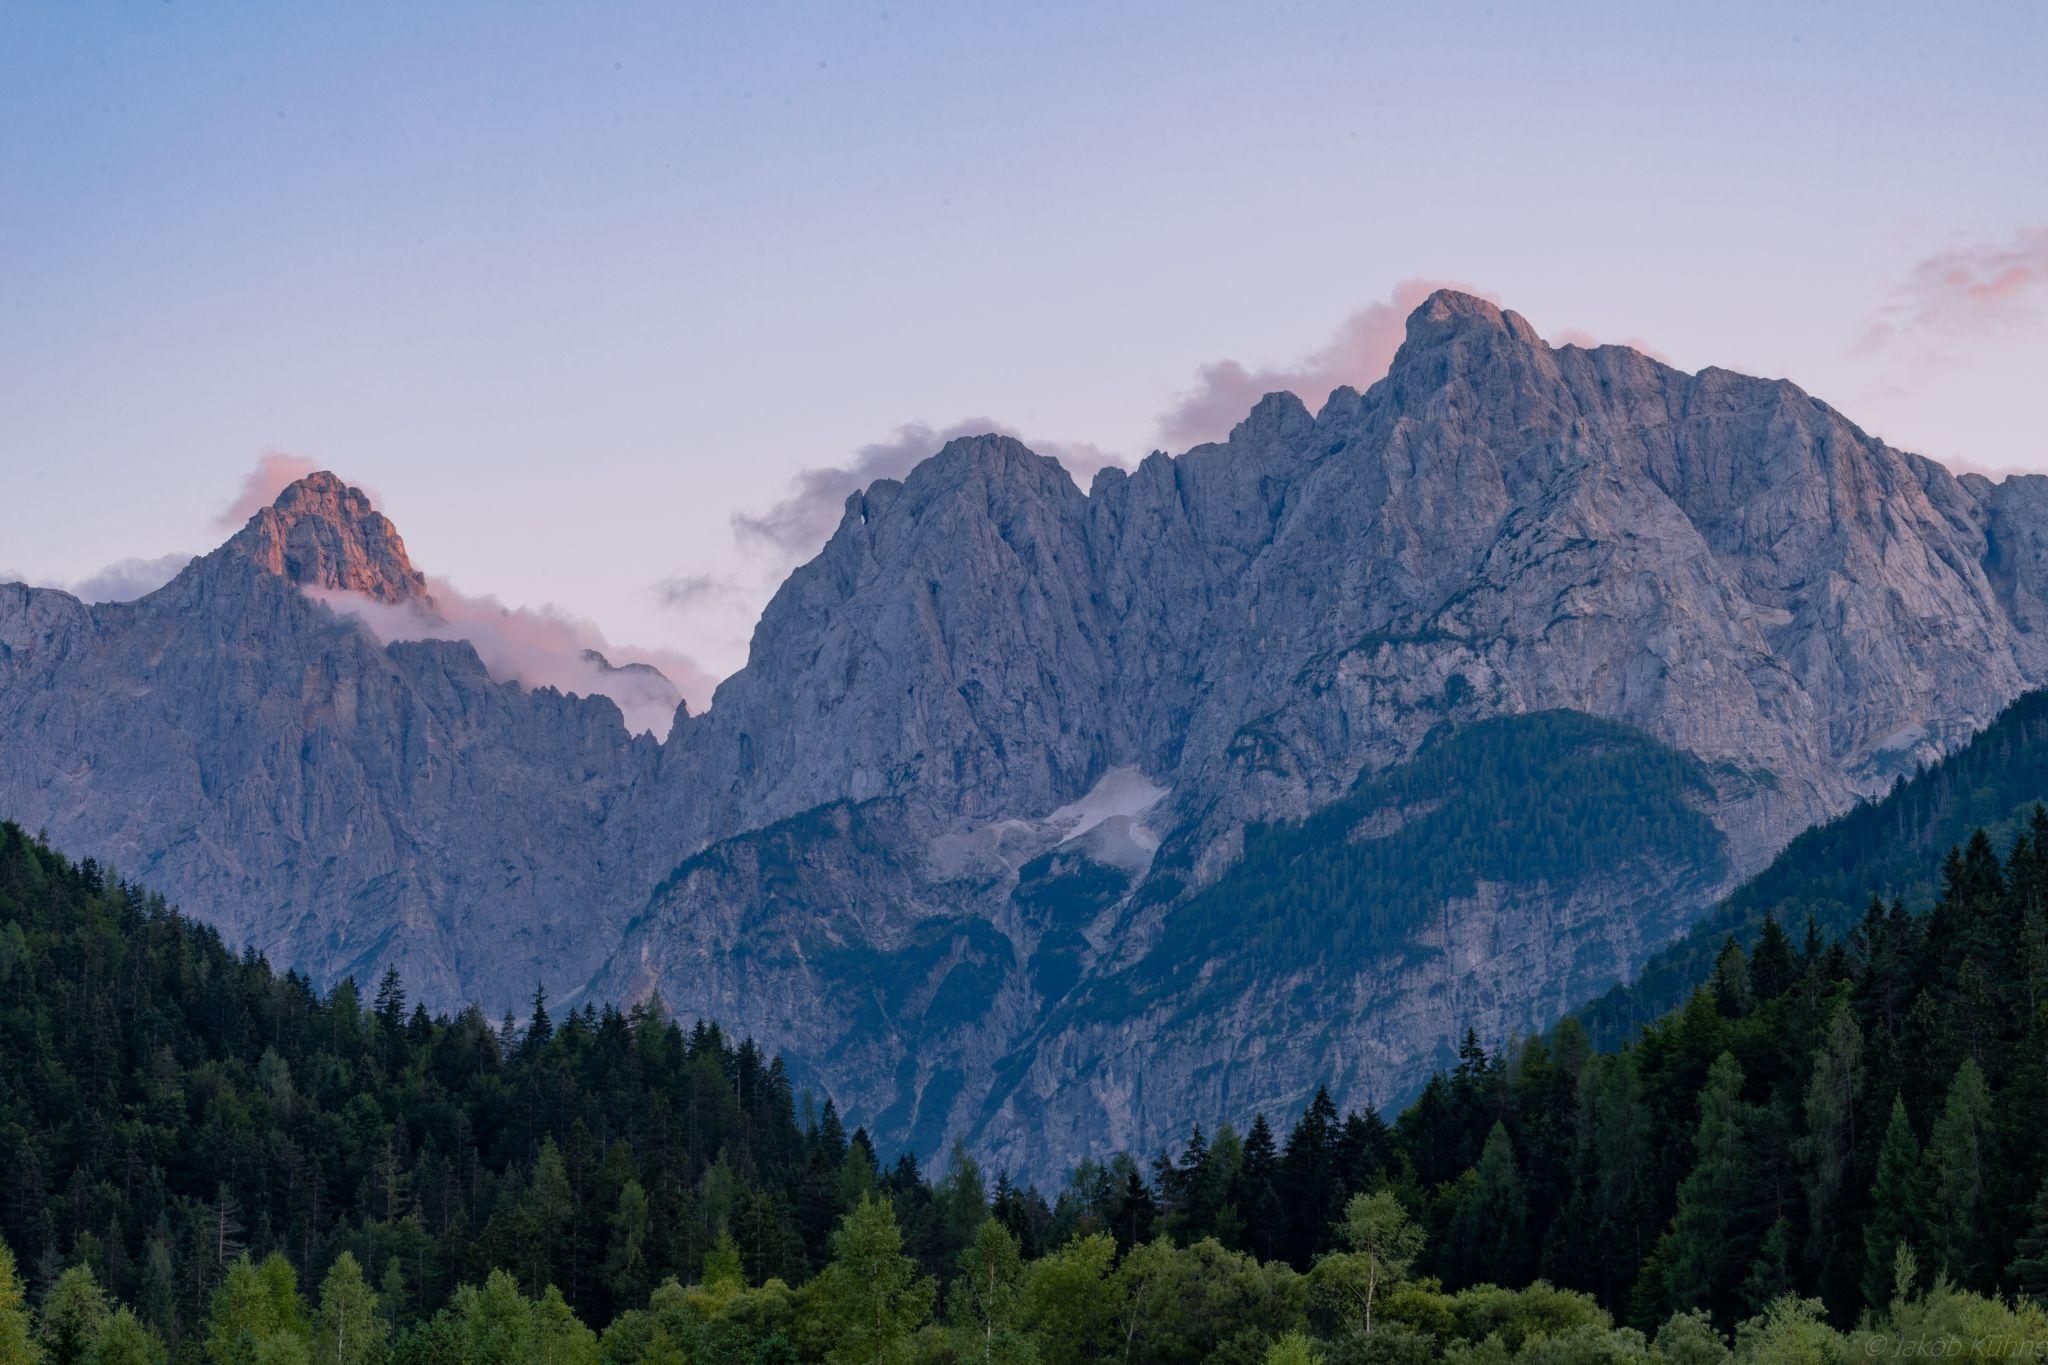 Mountain View next to Kranjska Gora, Slovenia